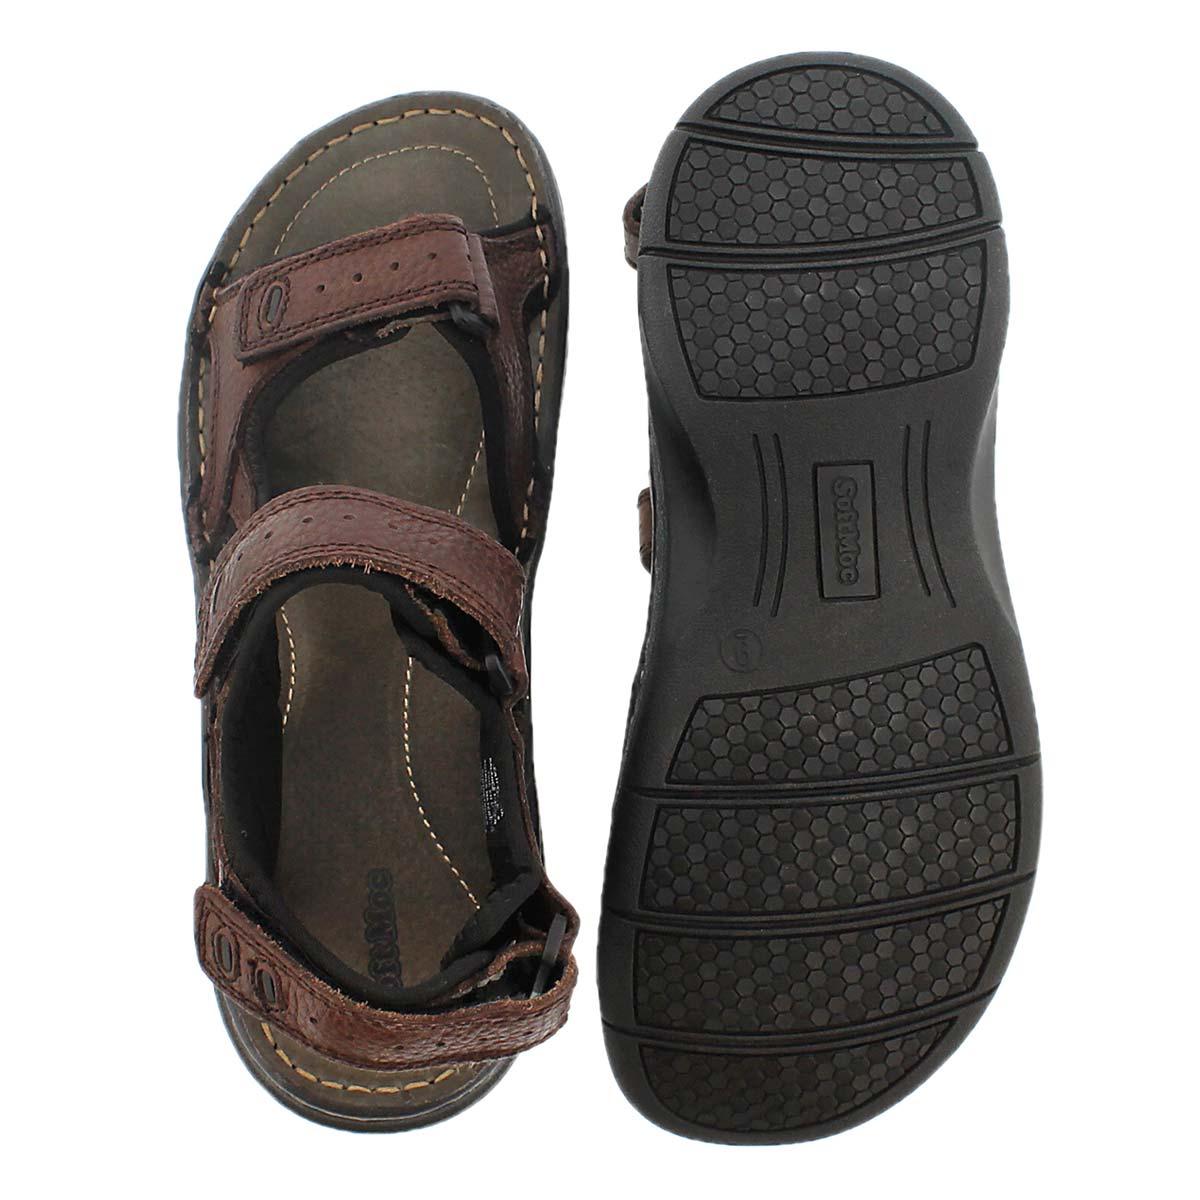 Mns Curtis 3 brown 3 strap sandal